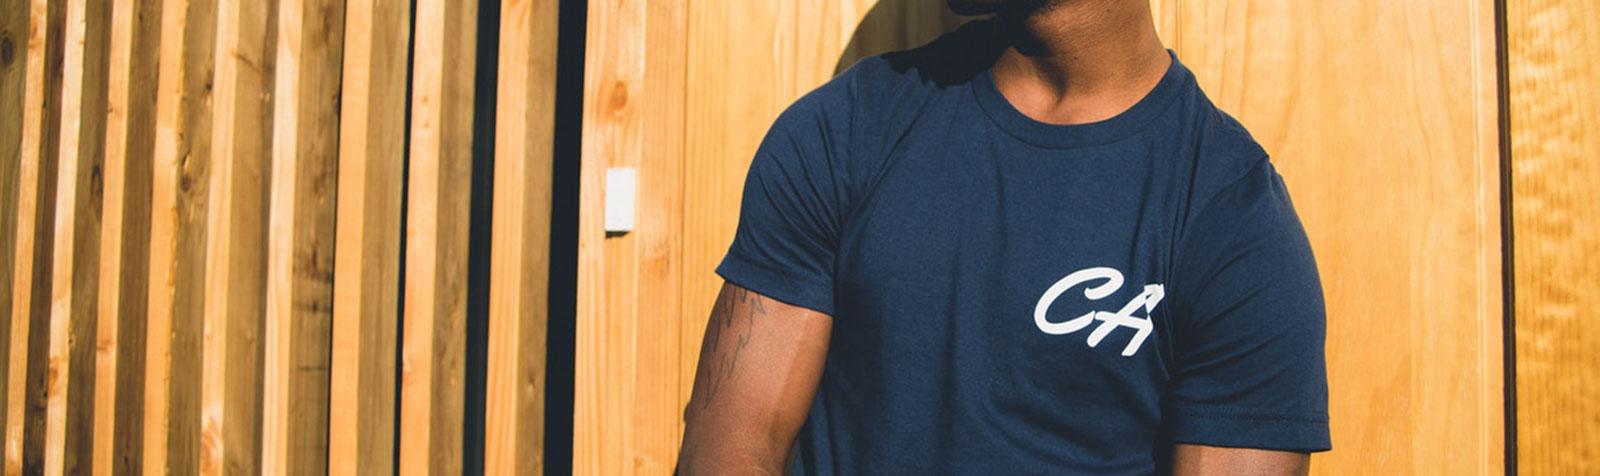 Custom-Tshirt-Print